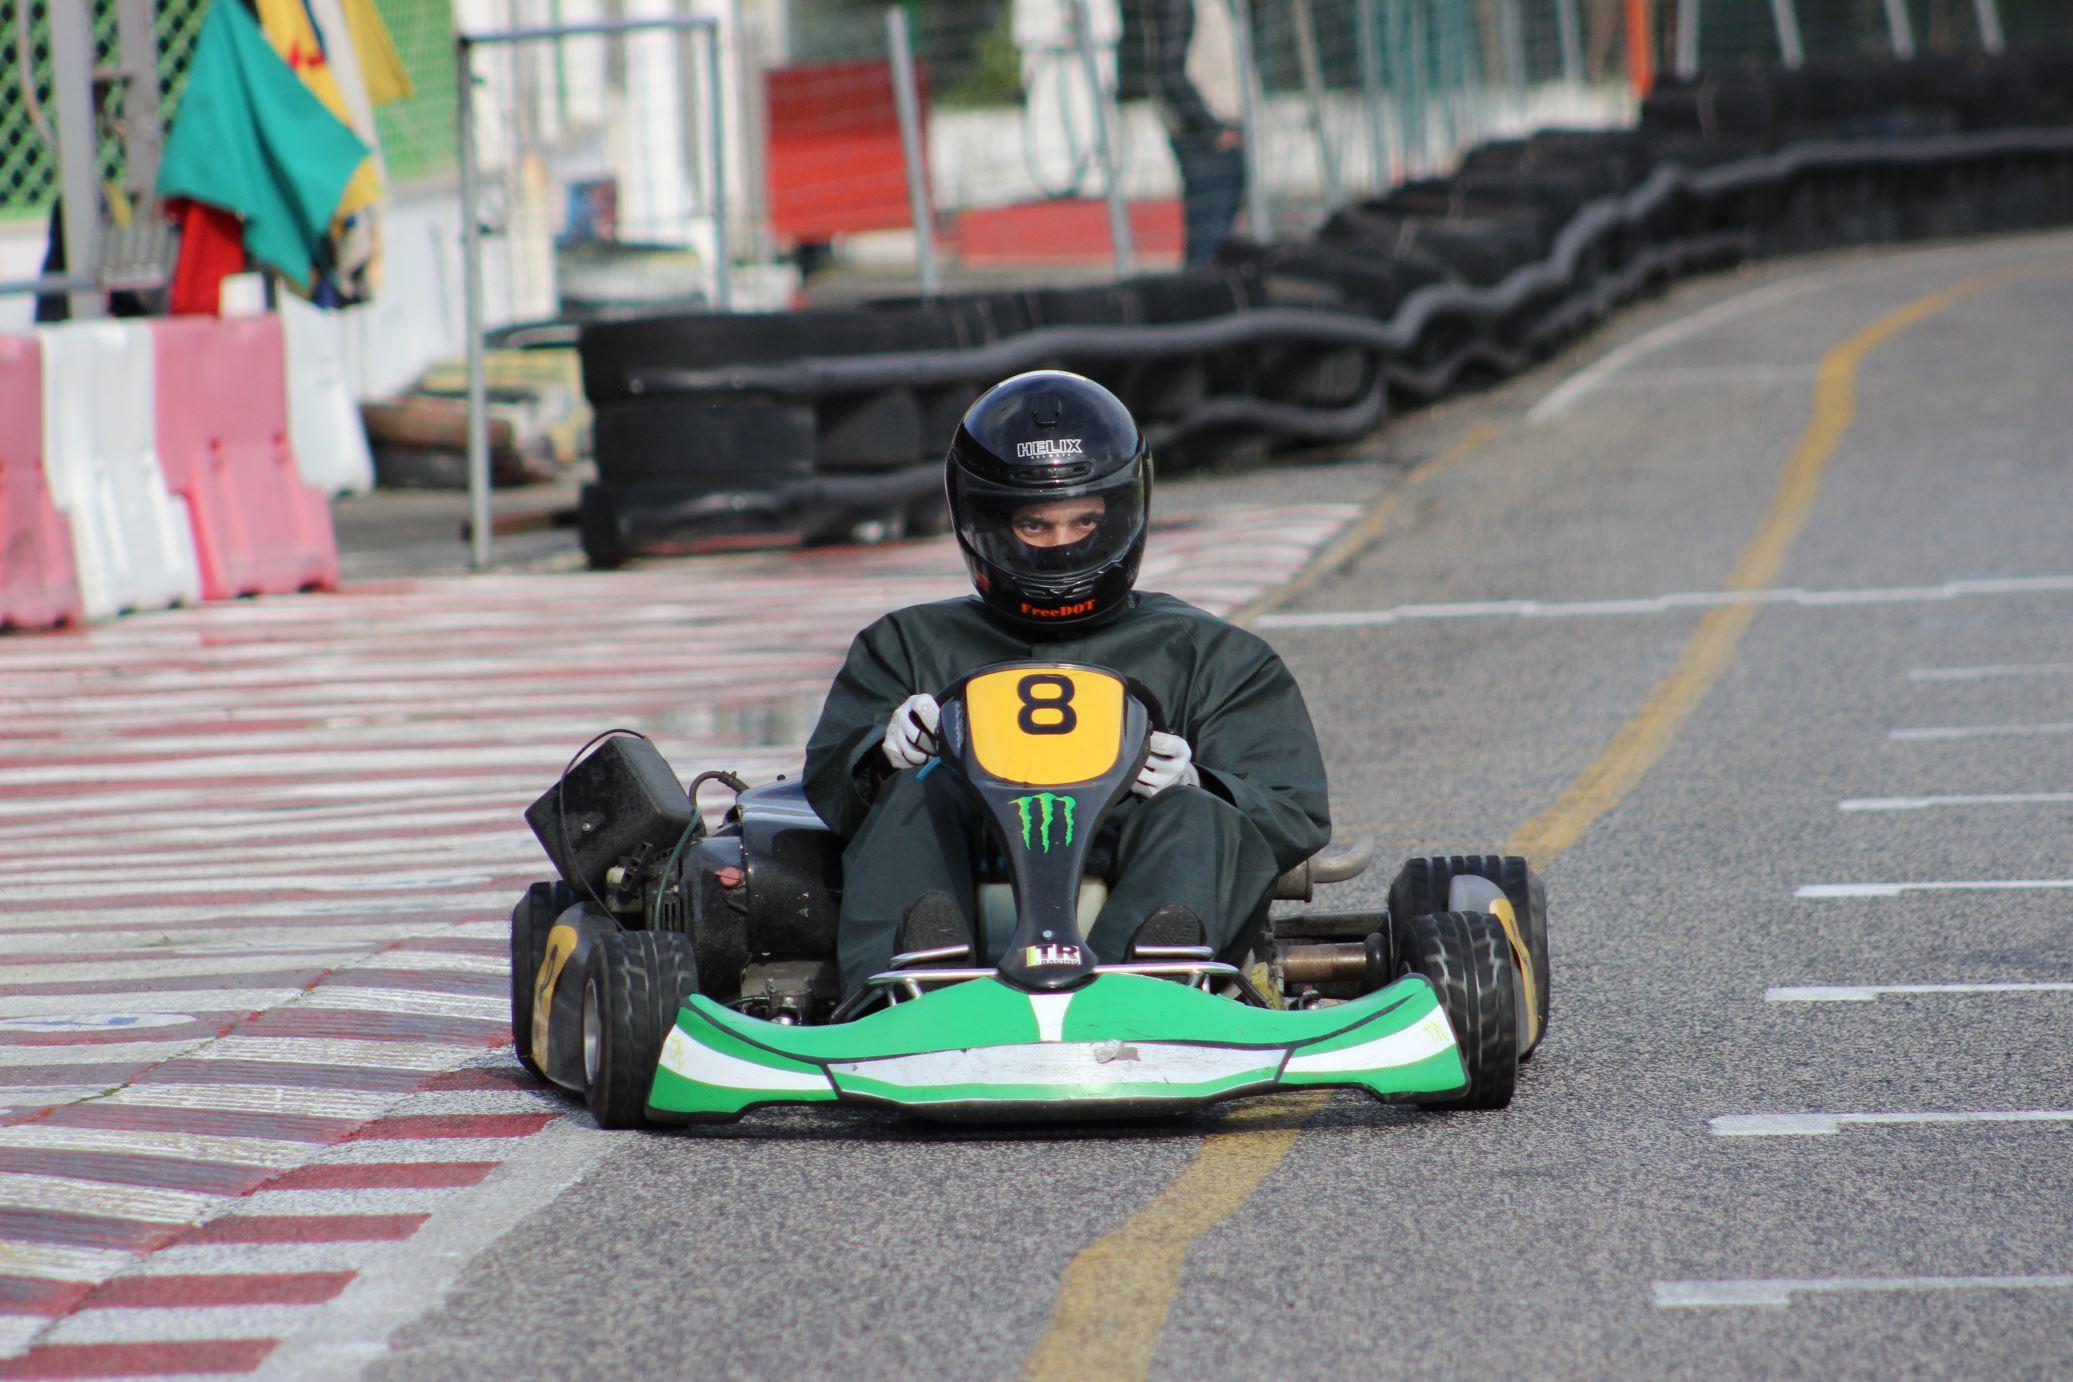 Troféu Honda 2014 - 5ª Prova180